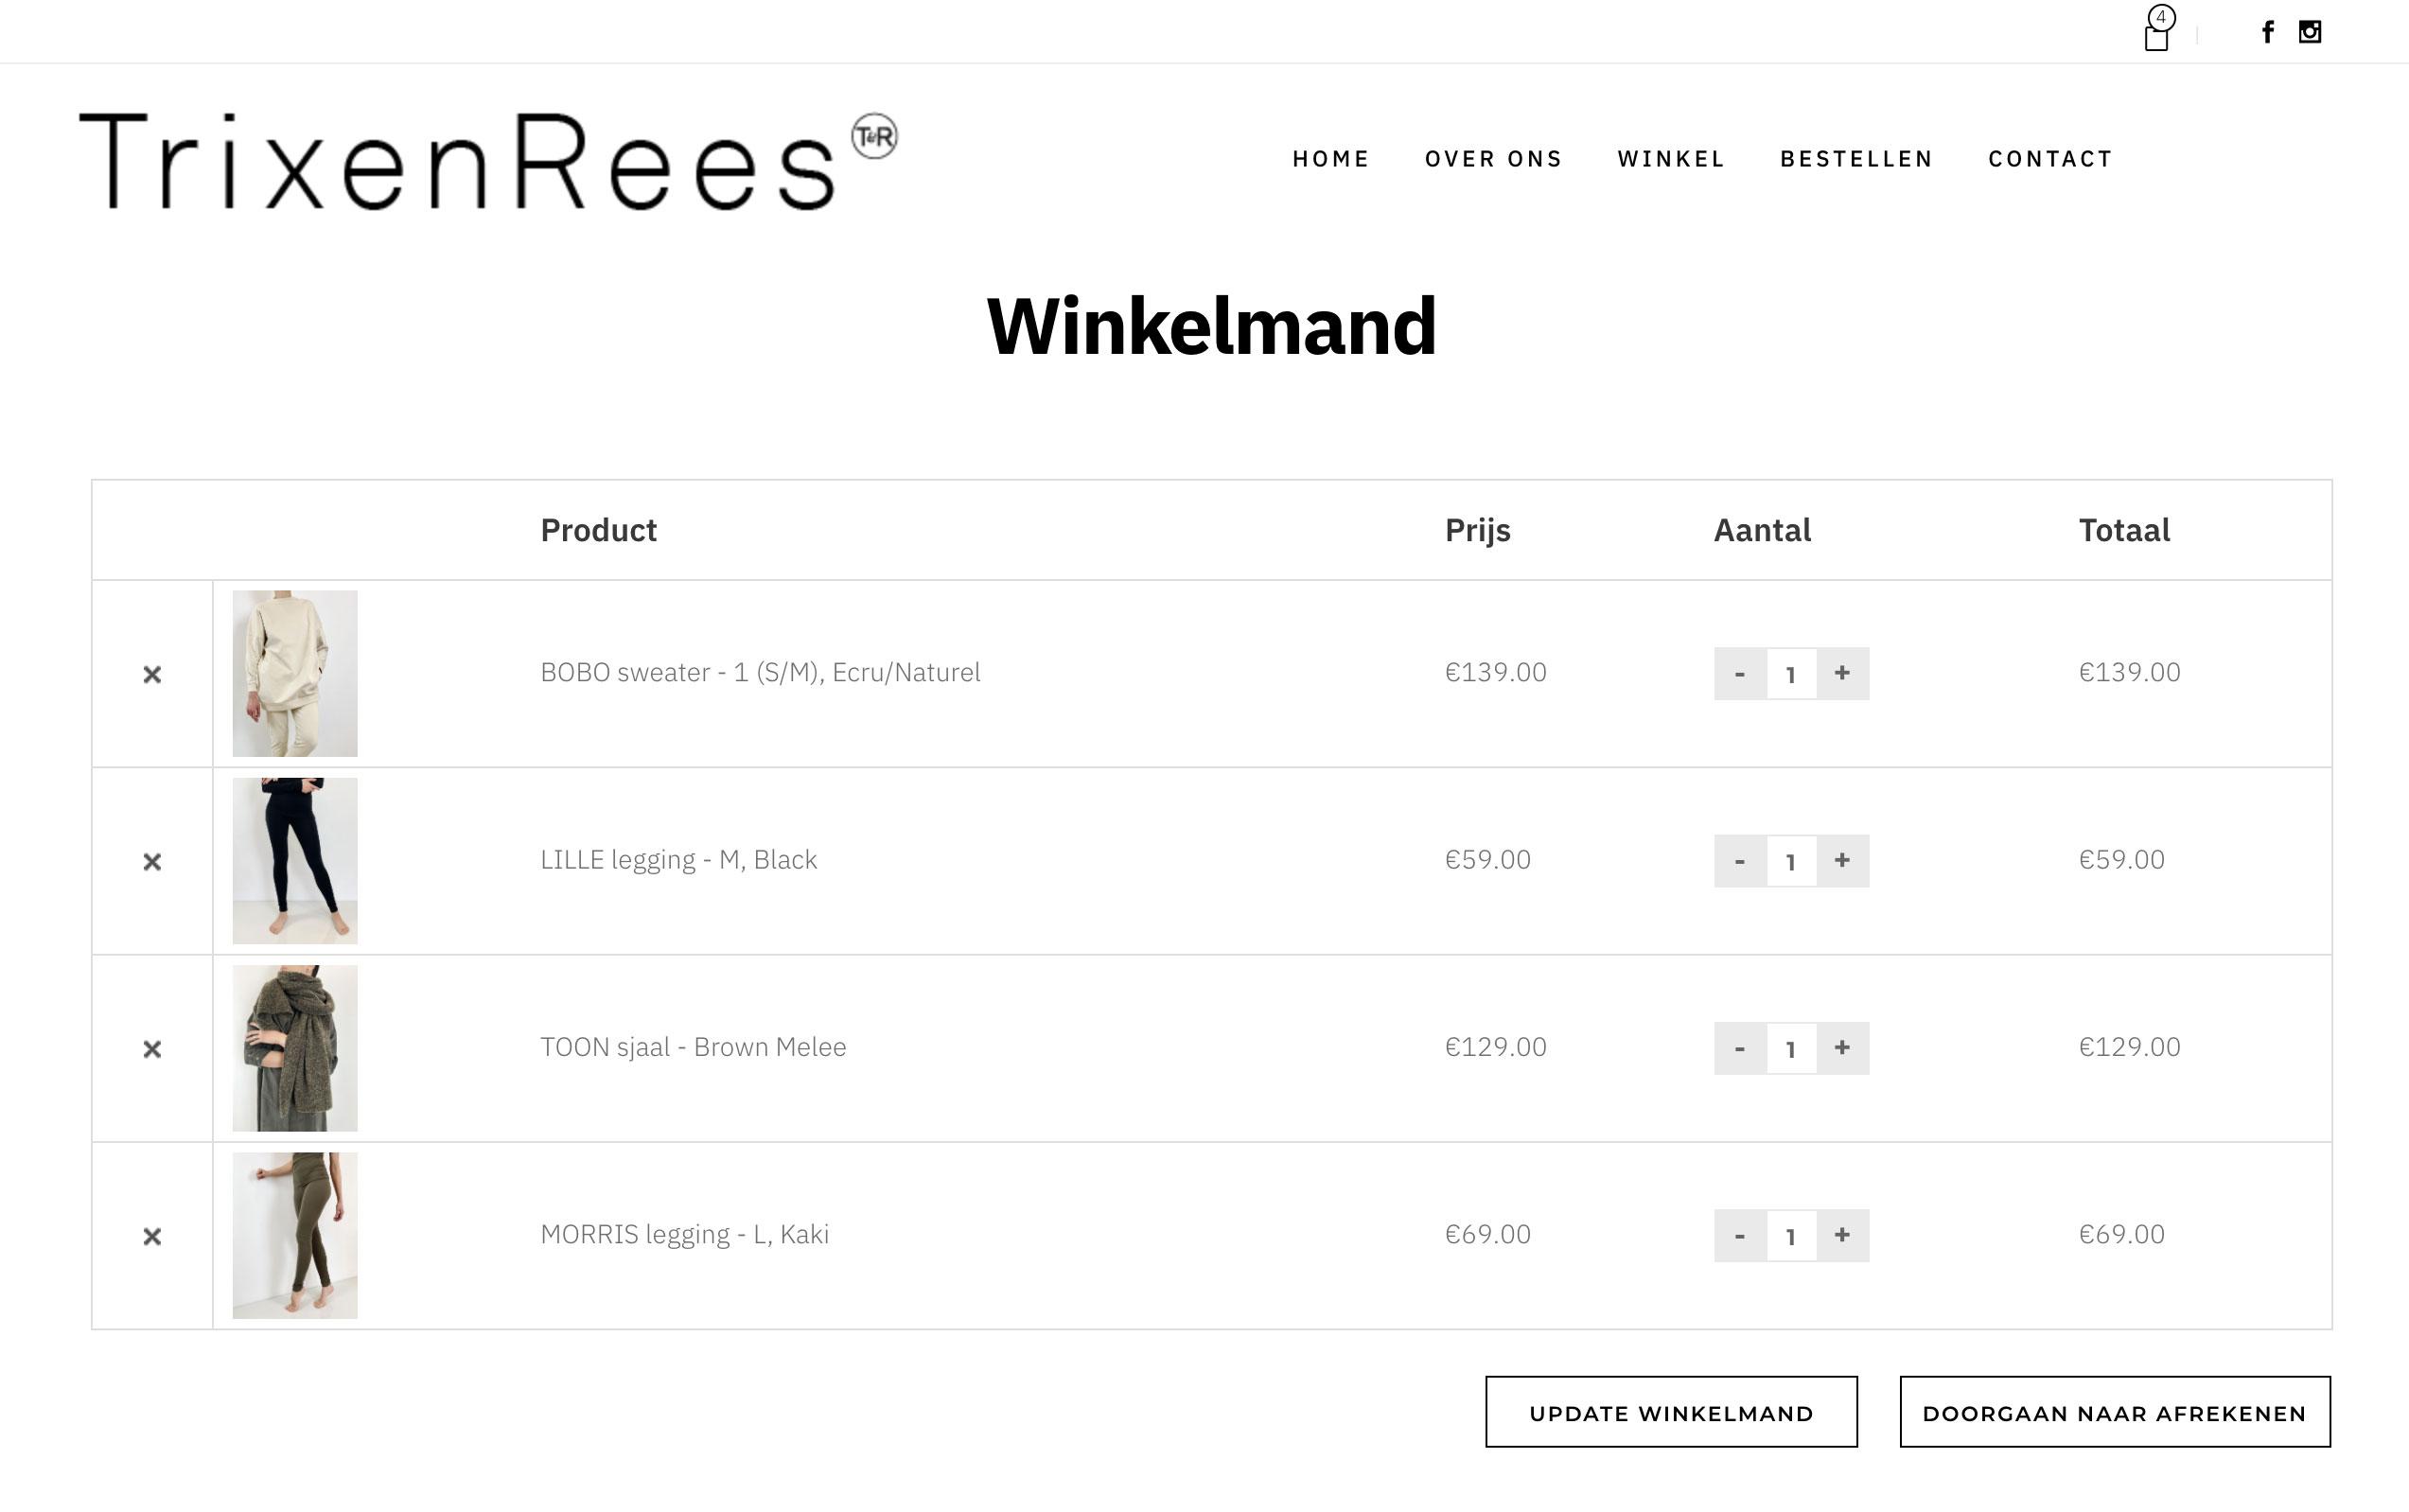 trixenrees-webshop-snugger